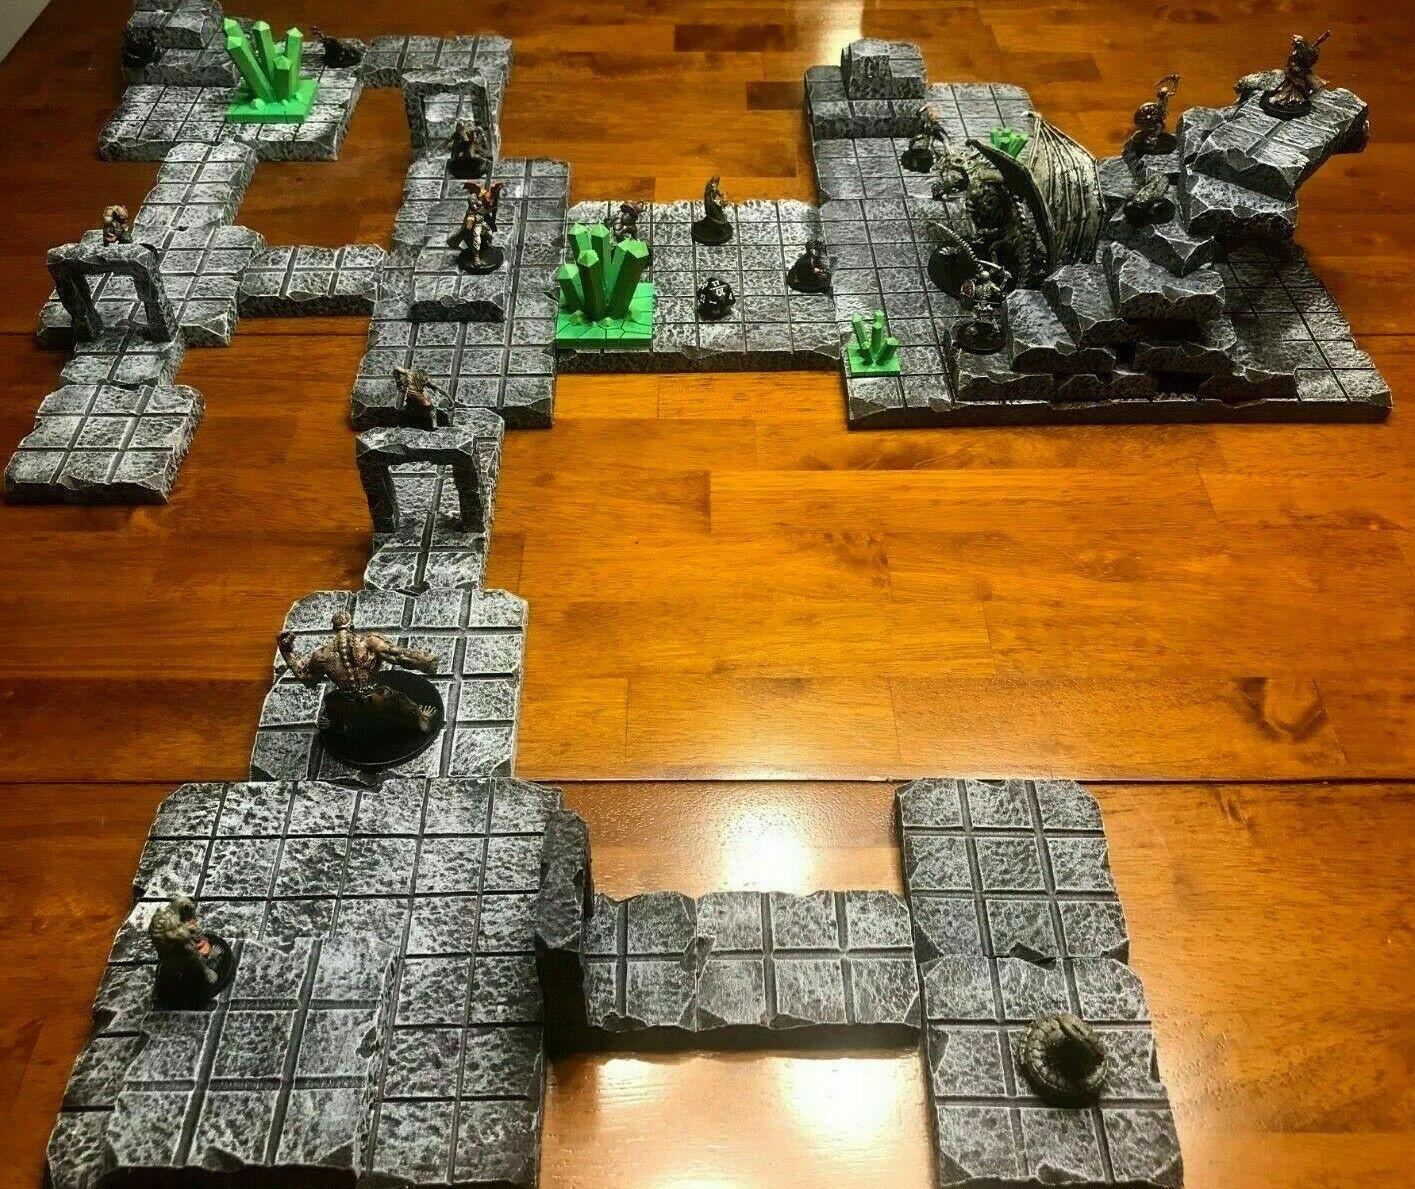 Grödtan Dungeon Terran Set 28mm Dungeons och drakes Pathfinder d &d wargamin